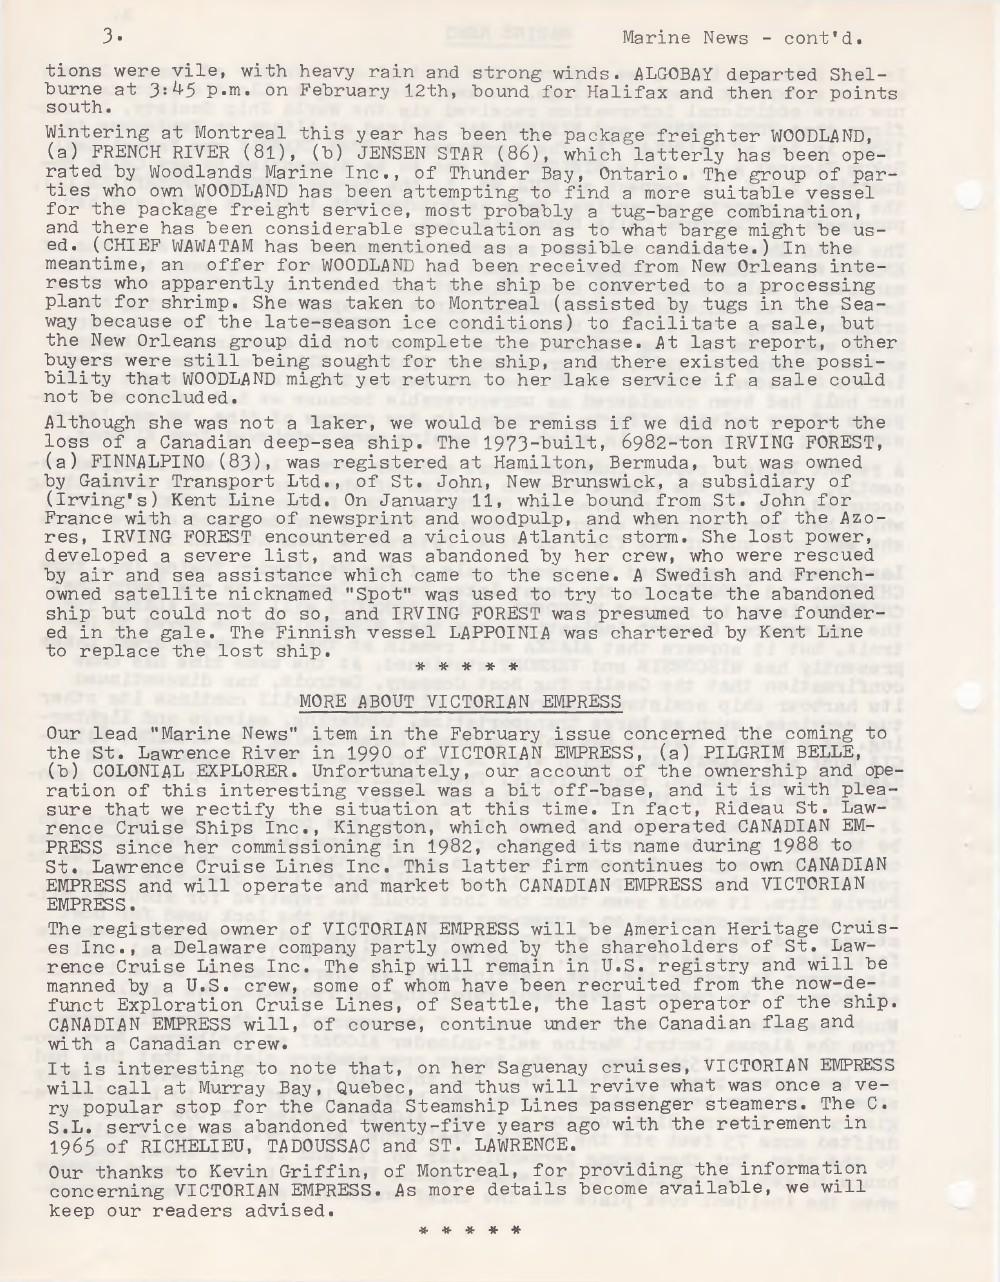 Scanner, v. 22, no. 6 (March 1990)